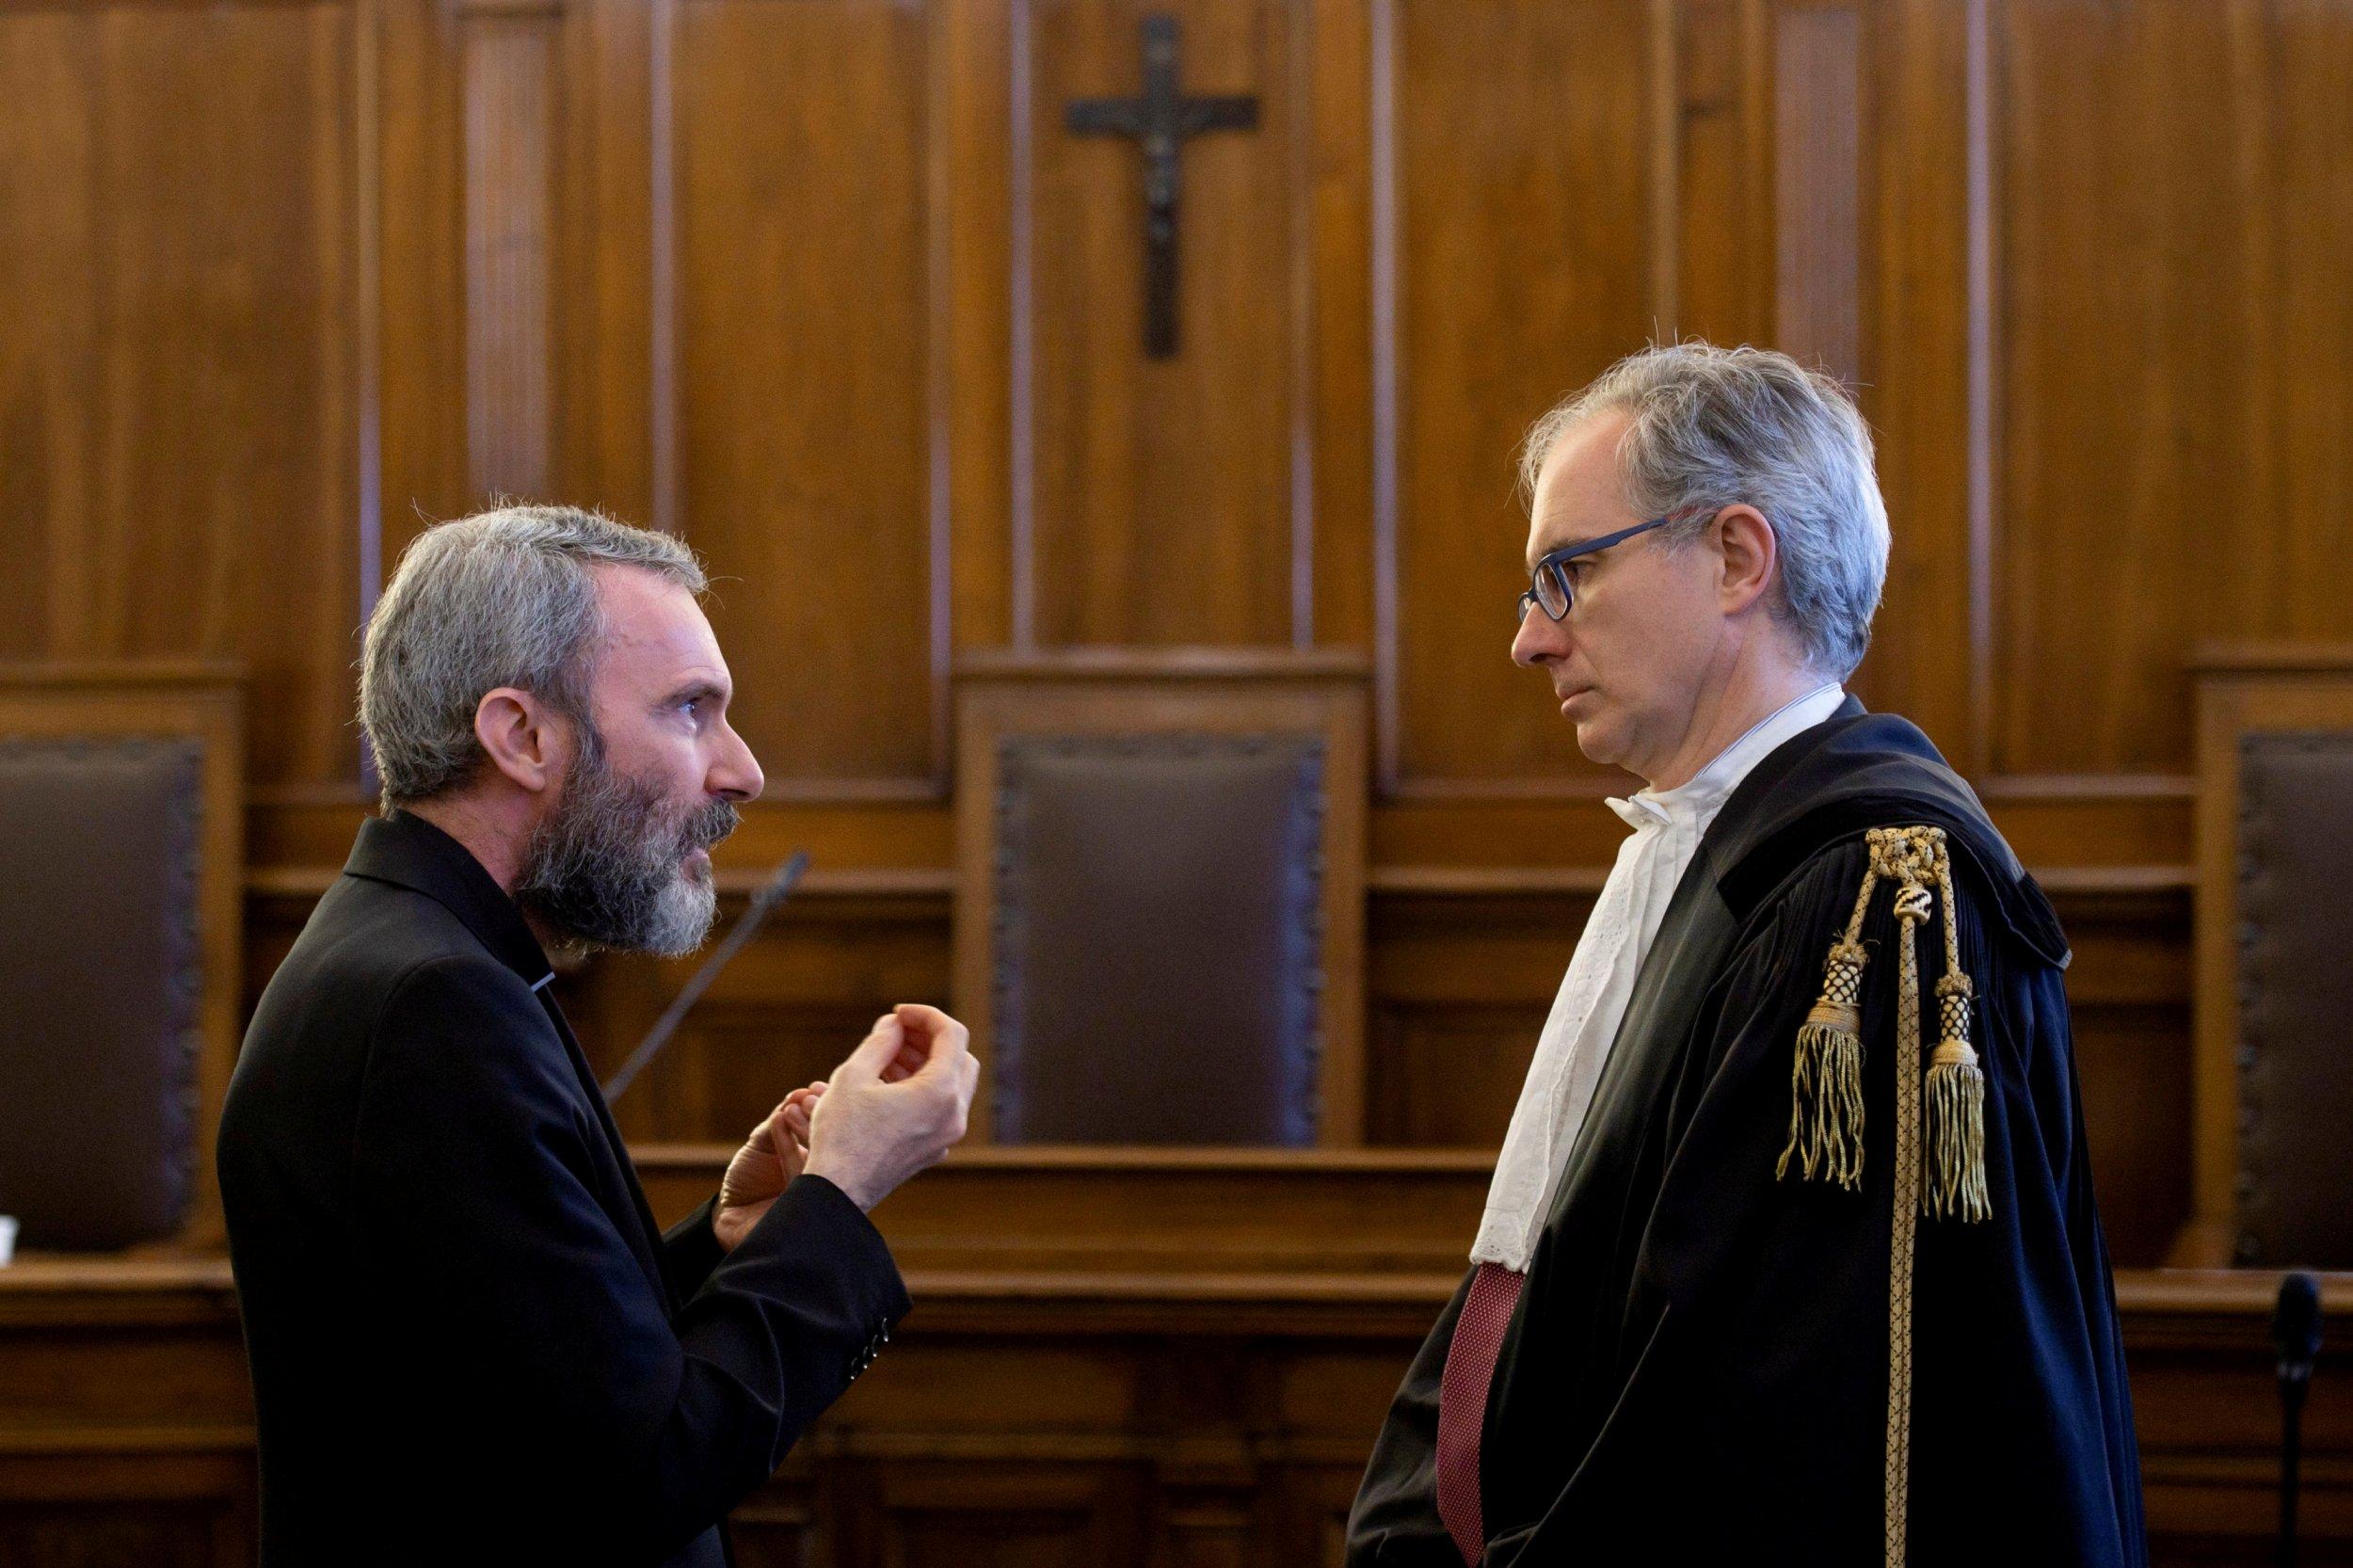 Monsignor Carlo Capella